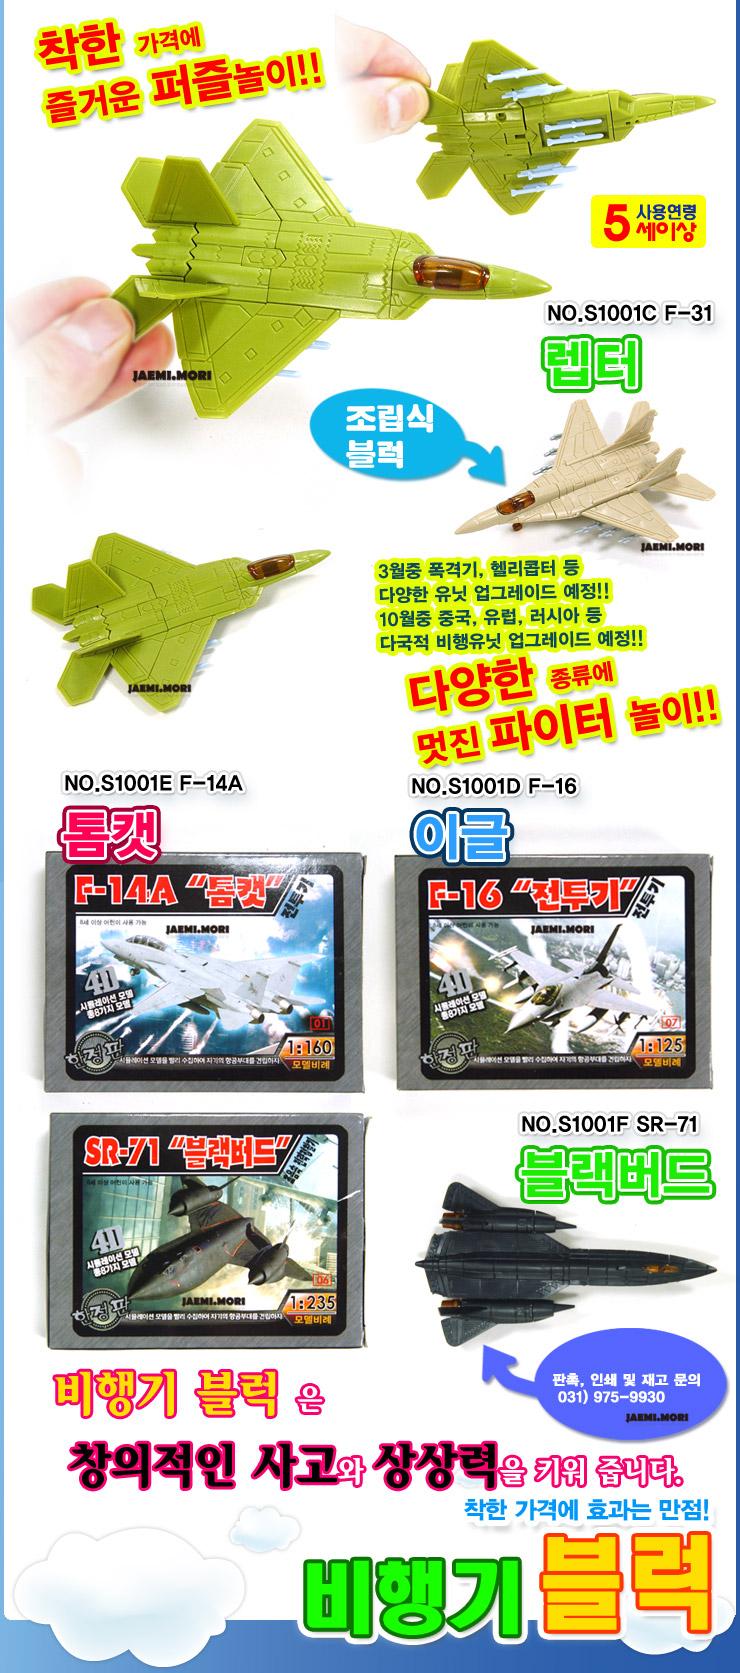 비행기퍼즐-2